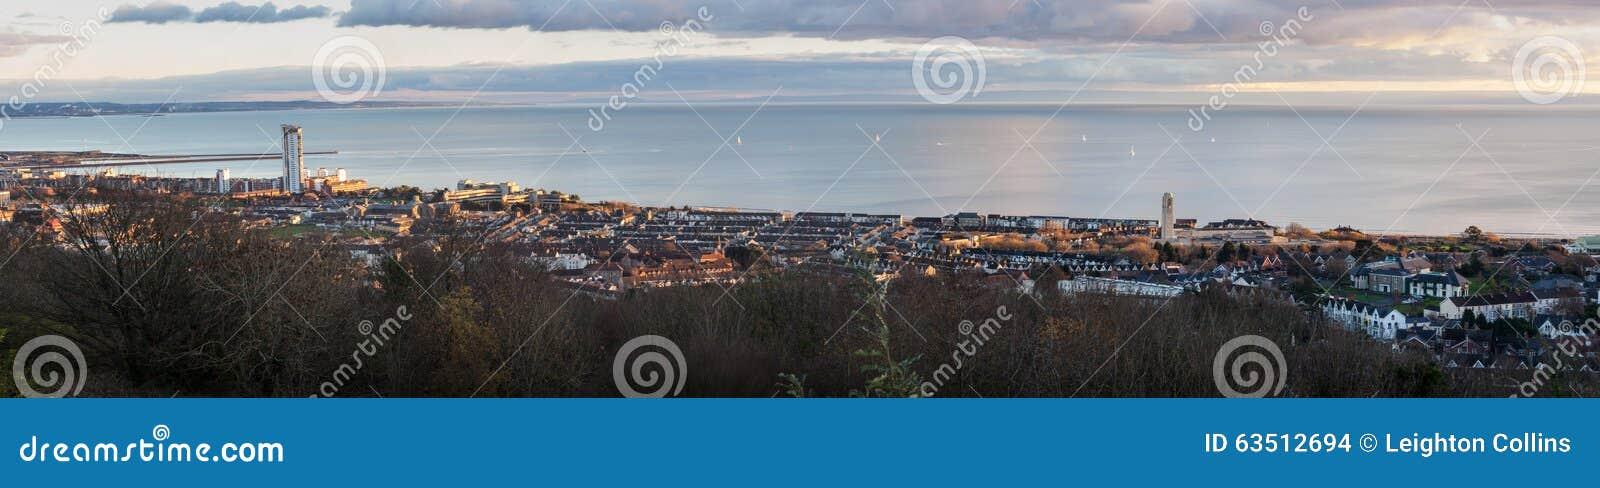 De stad Zuid-Wales van Swansea